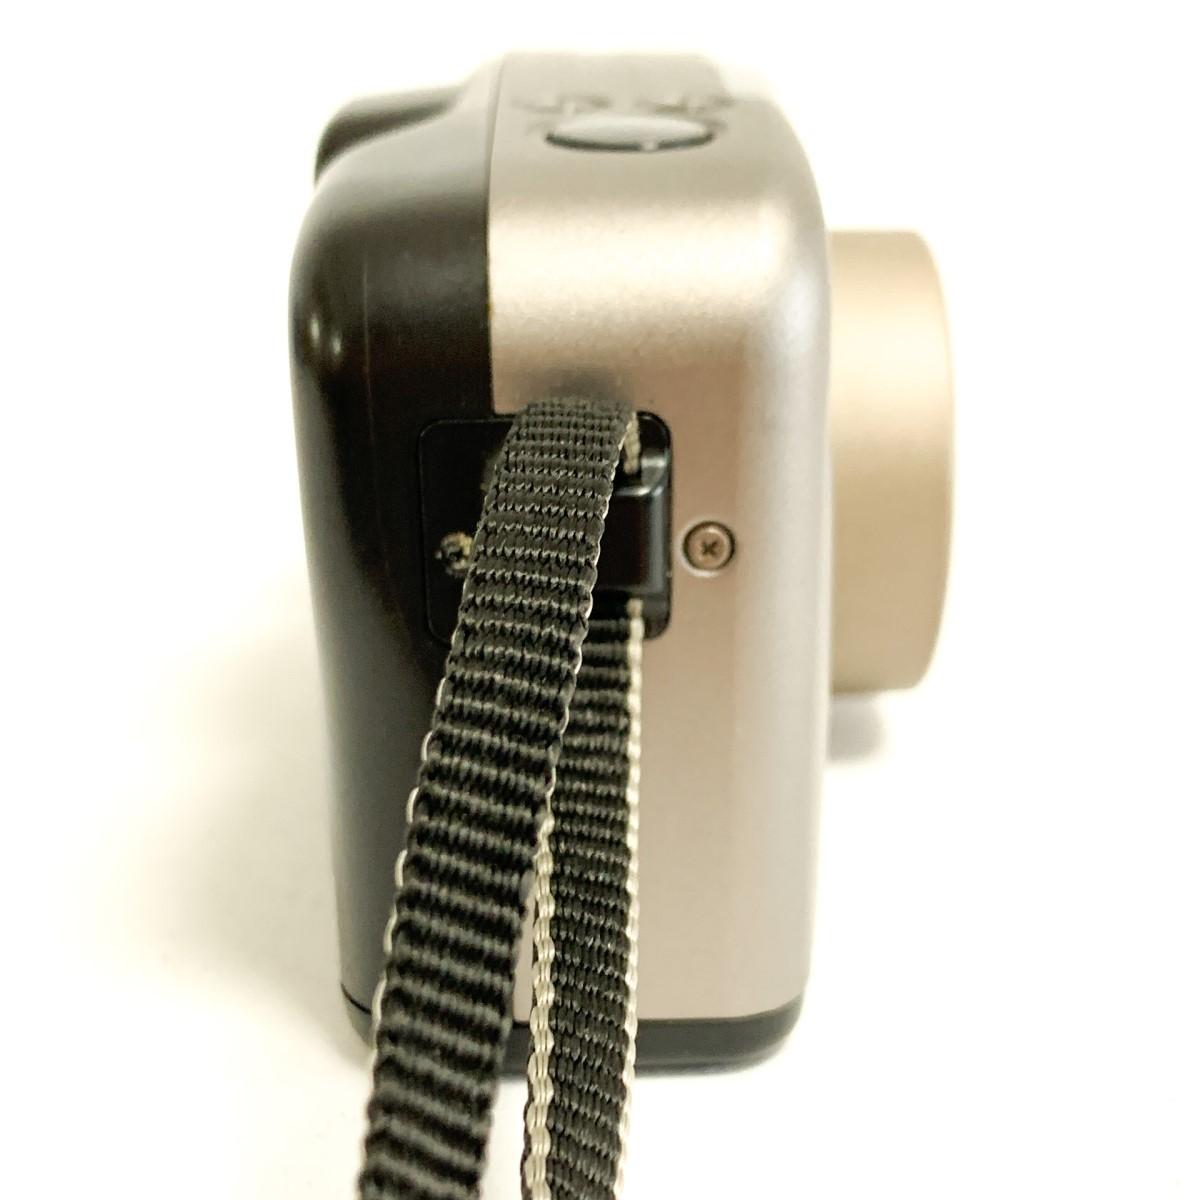 【極美品 完動品】Canon Autoboy S PANORAMA Ai AF 38-115mm 広角~望遠域レンズ パノラマ撮影 キャノン コンパクトフィルムカメラ C424_画像7